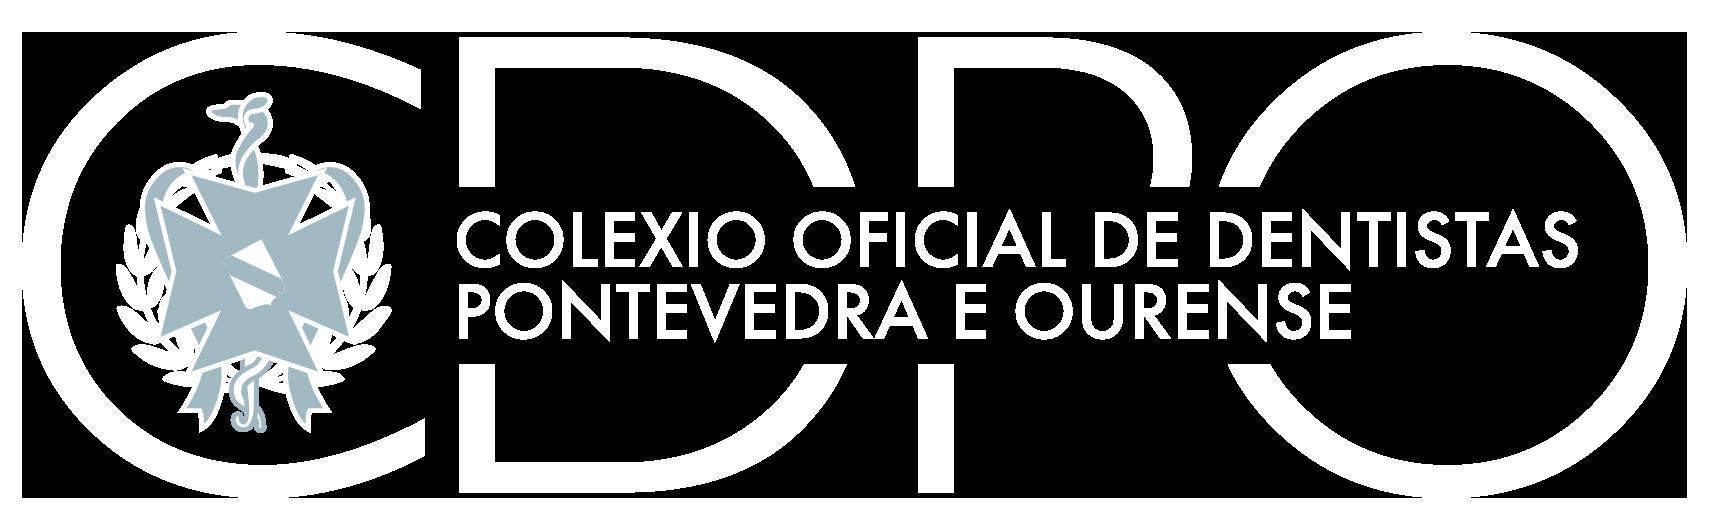 Colexio Oficial Dentistas de Pontevedra e Ourense